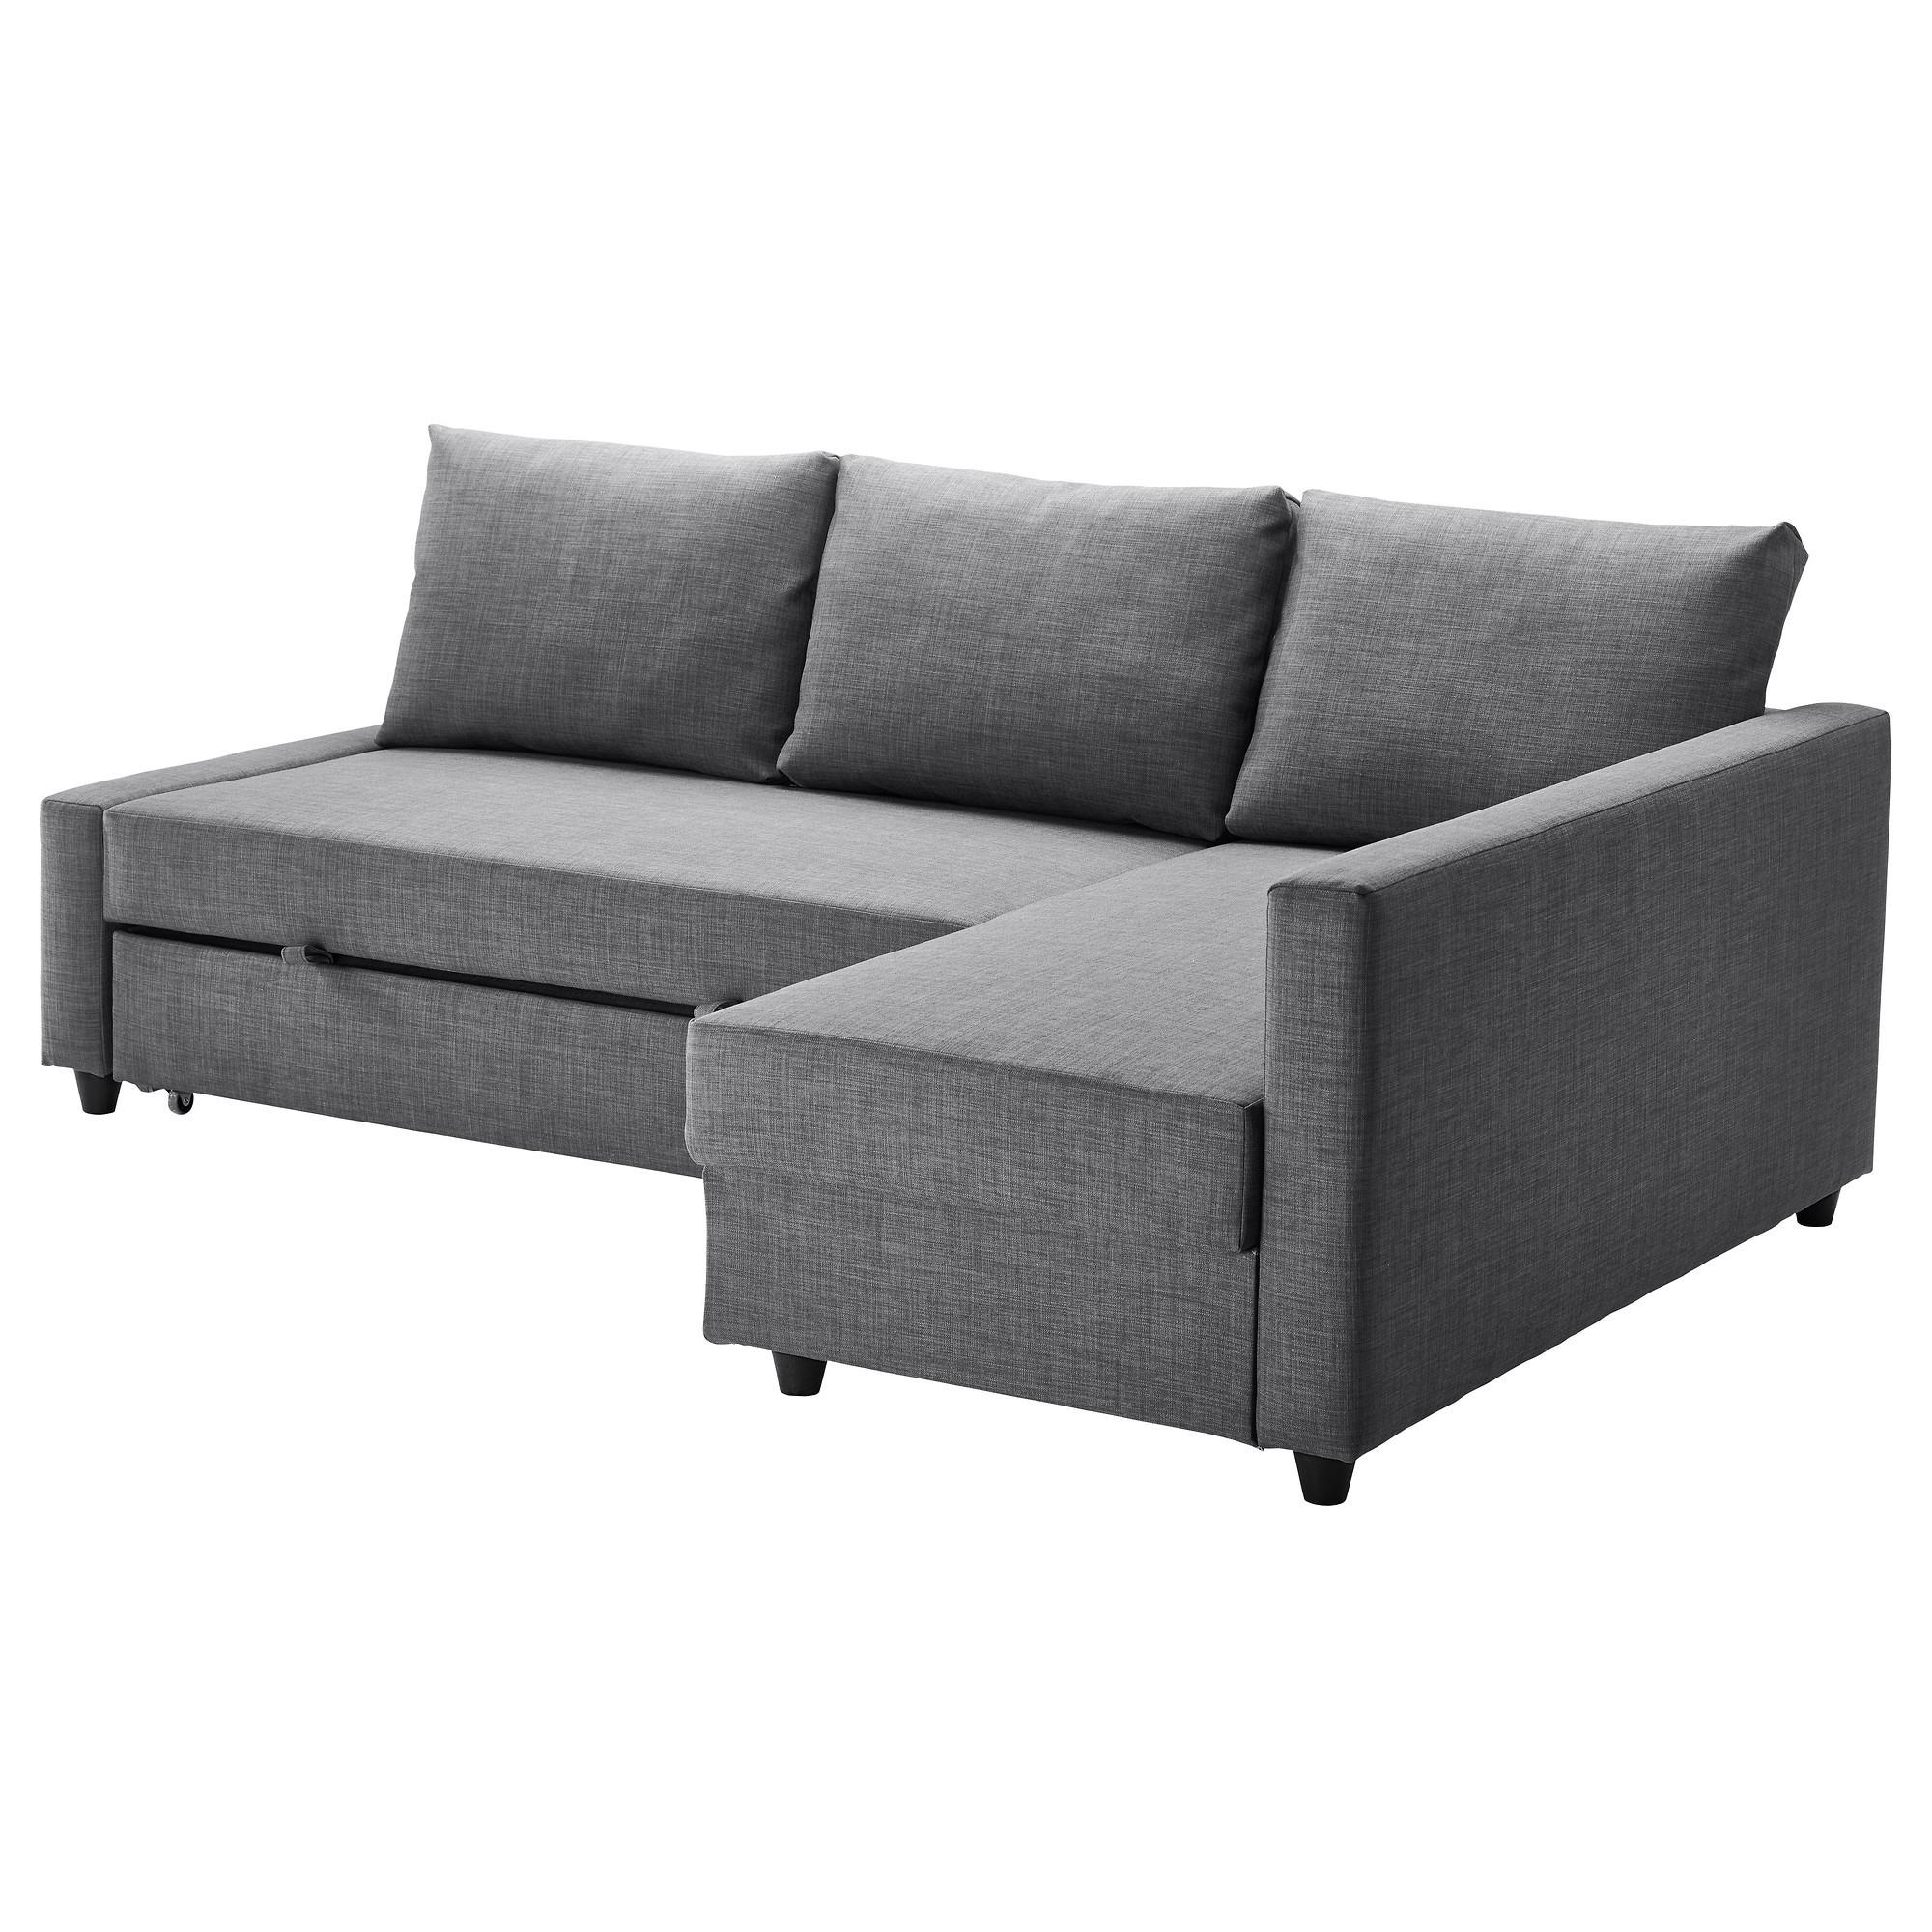 Canapé Rapido Ikea Meilleur De Image Lit Armoire Canapé Beautiful Canap En U Convertible 12 Full Canape D